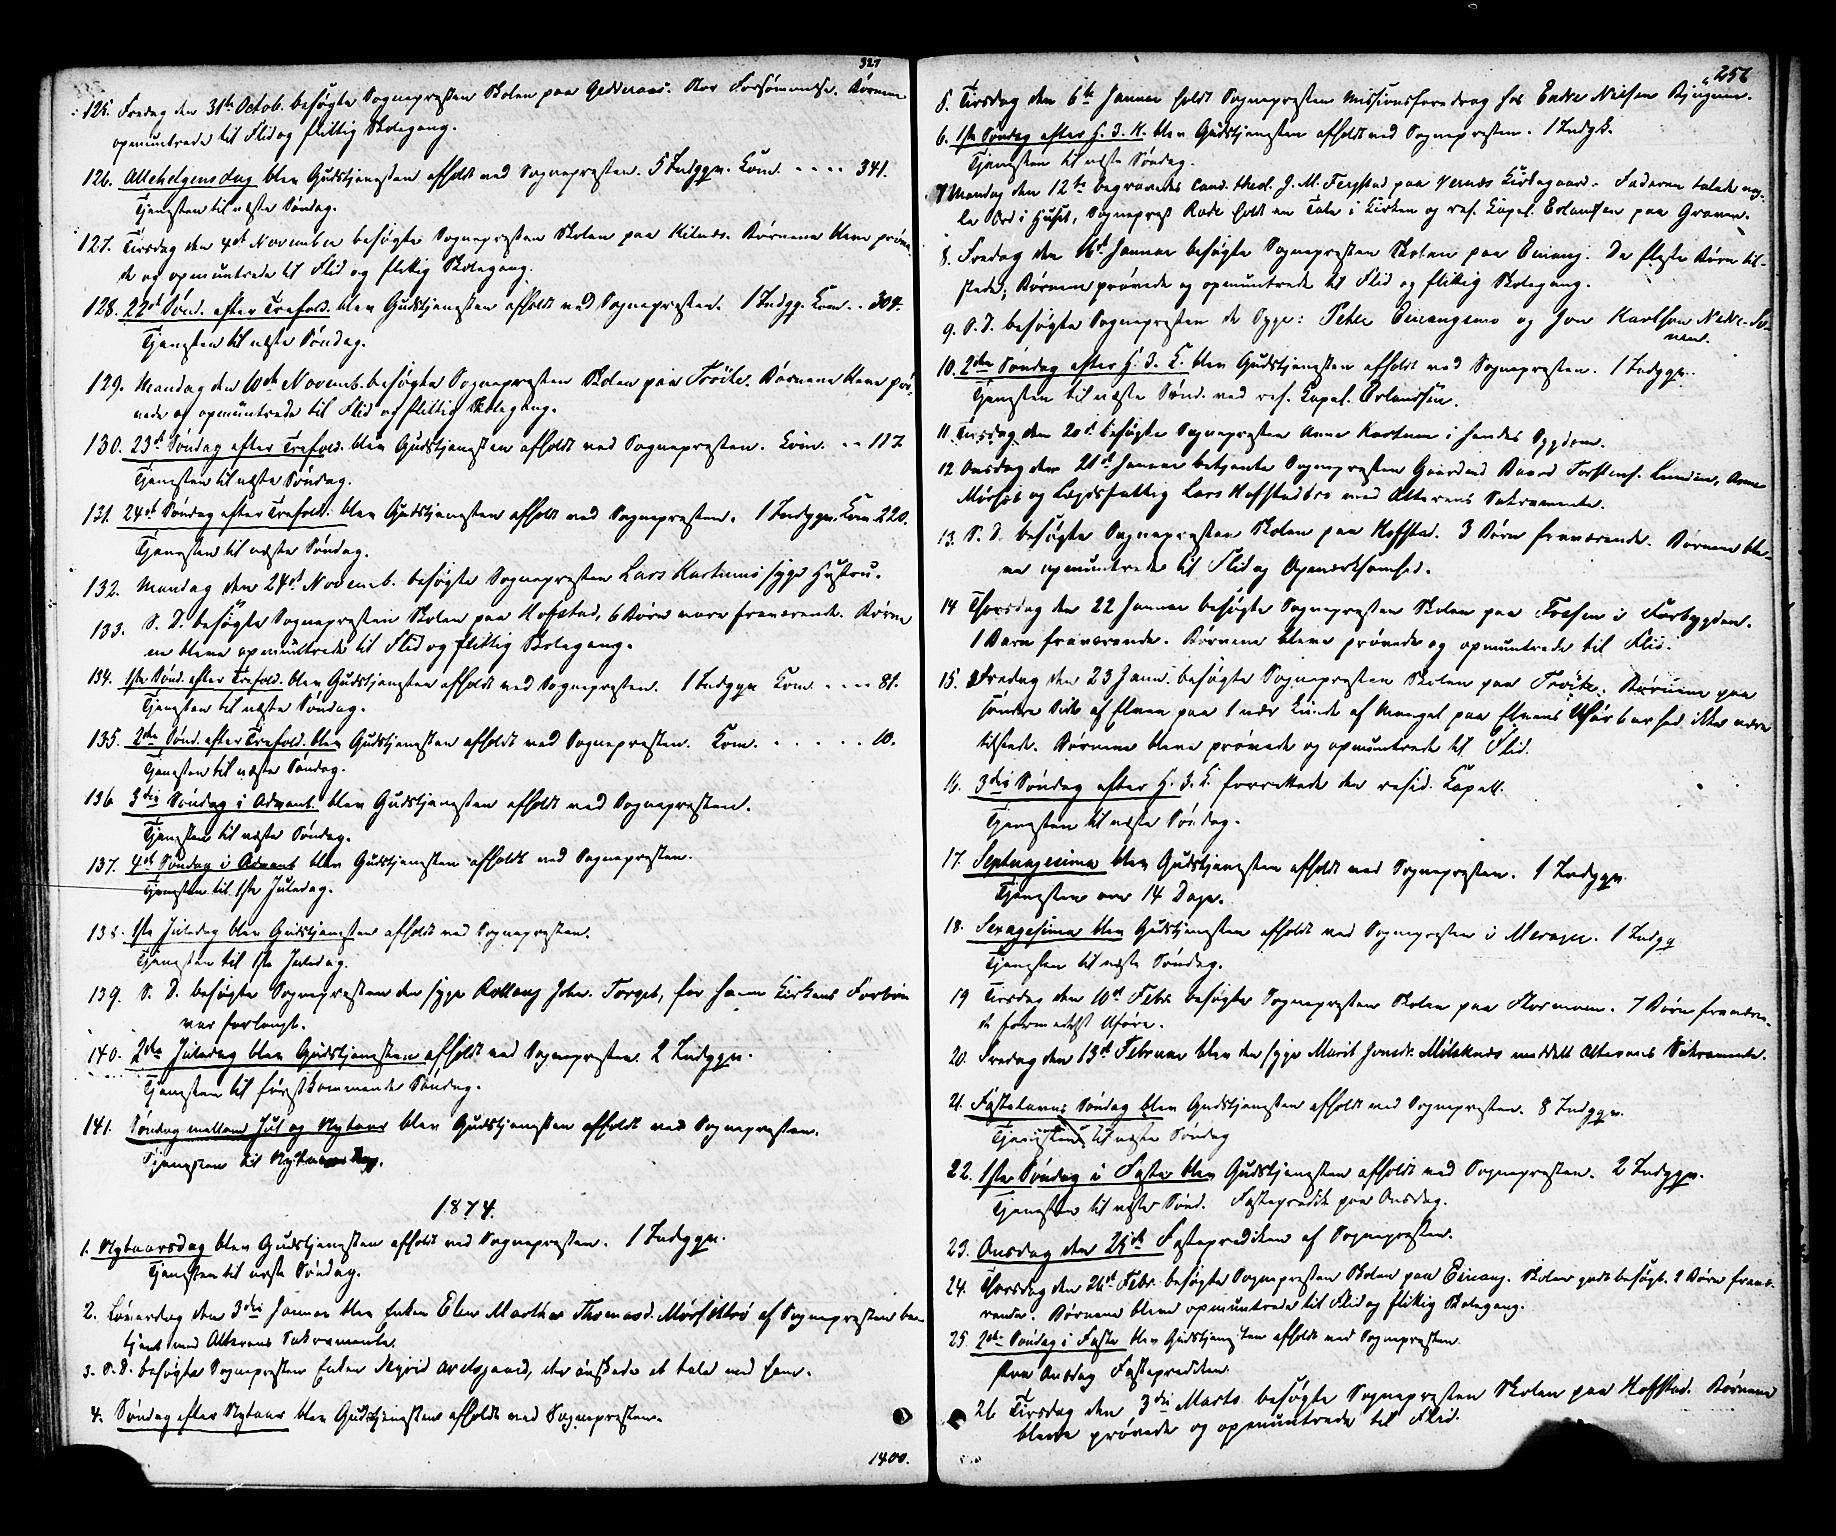 SAT, Ministerialprotokoller, klokkerbøker og fødselsregistre - Nord-Trøndelag, 703/L0029: Ministerialbok nr. 703A02, 1863-1879, s. 256